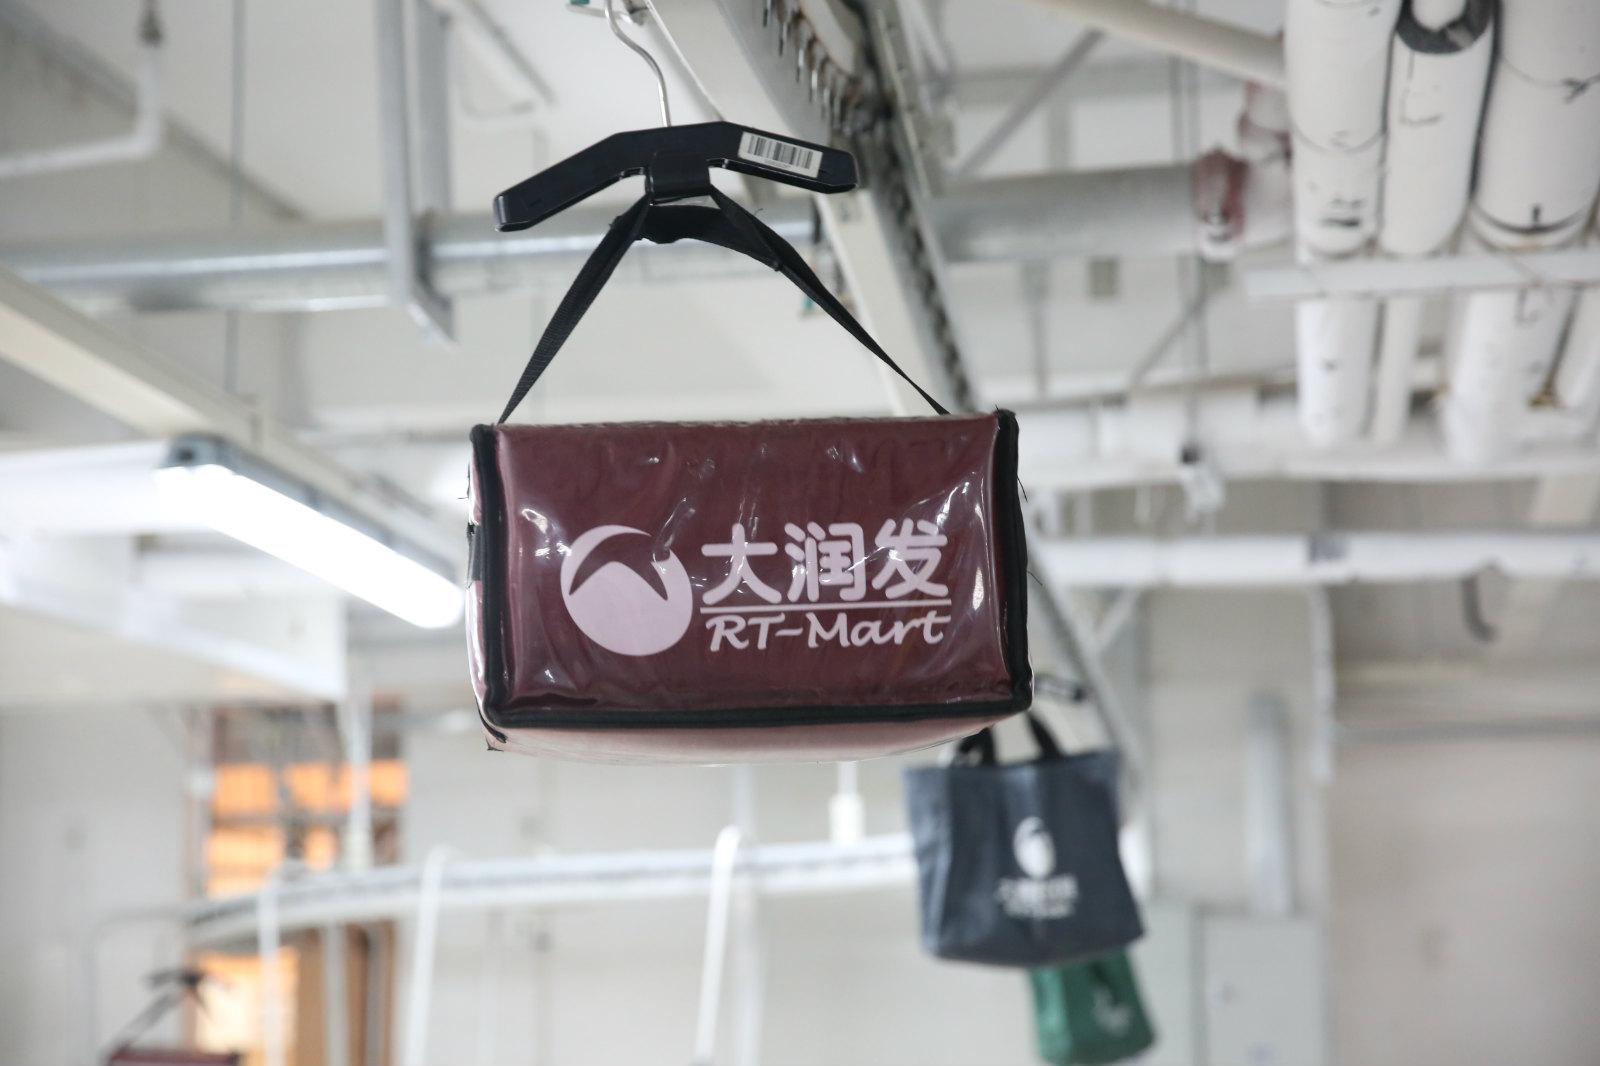 大润发悬挂链系统_meitu_3